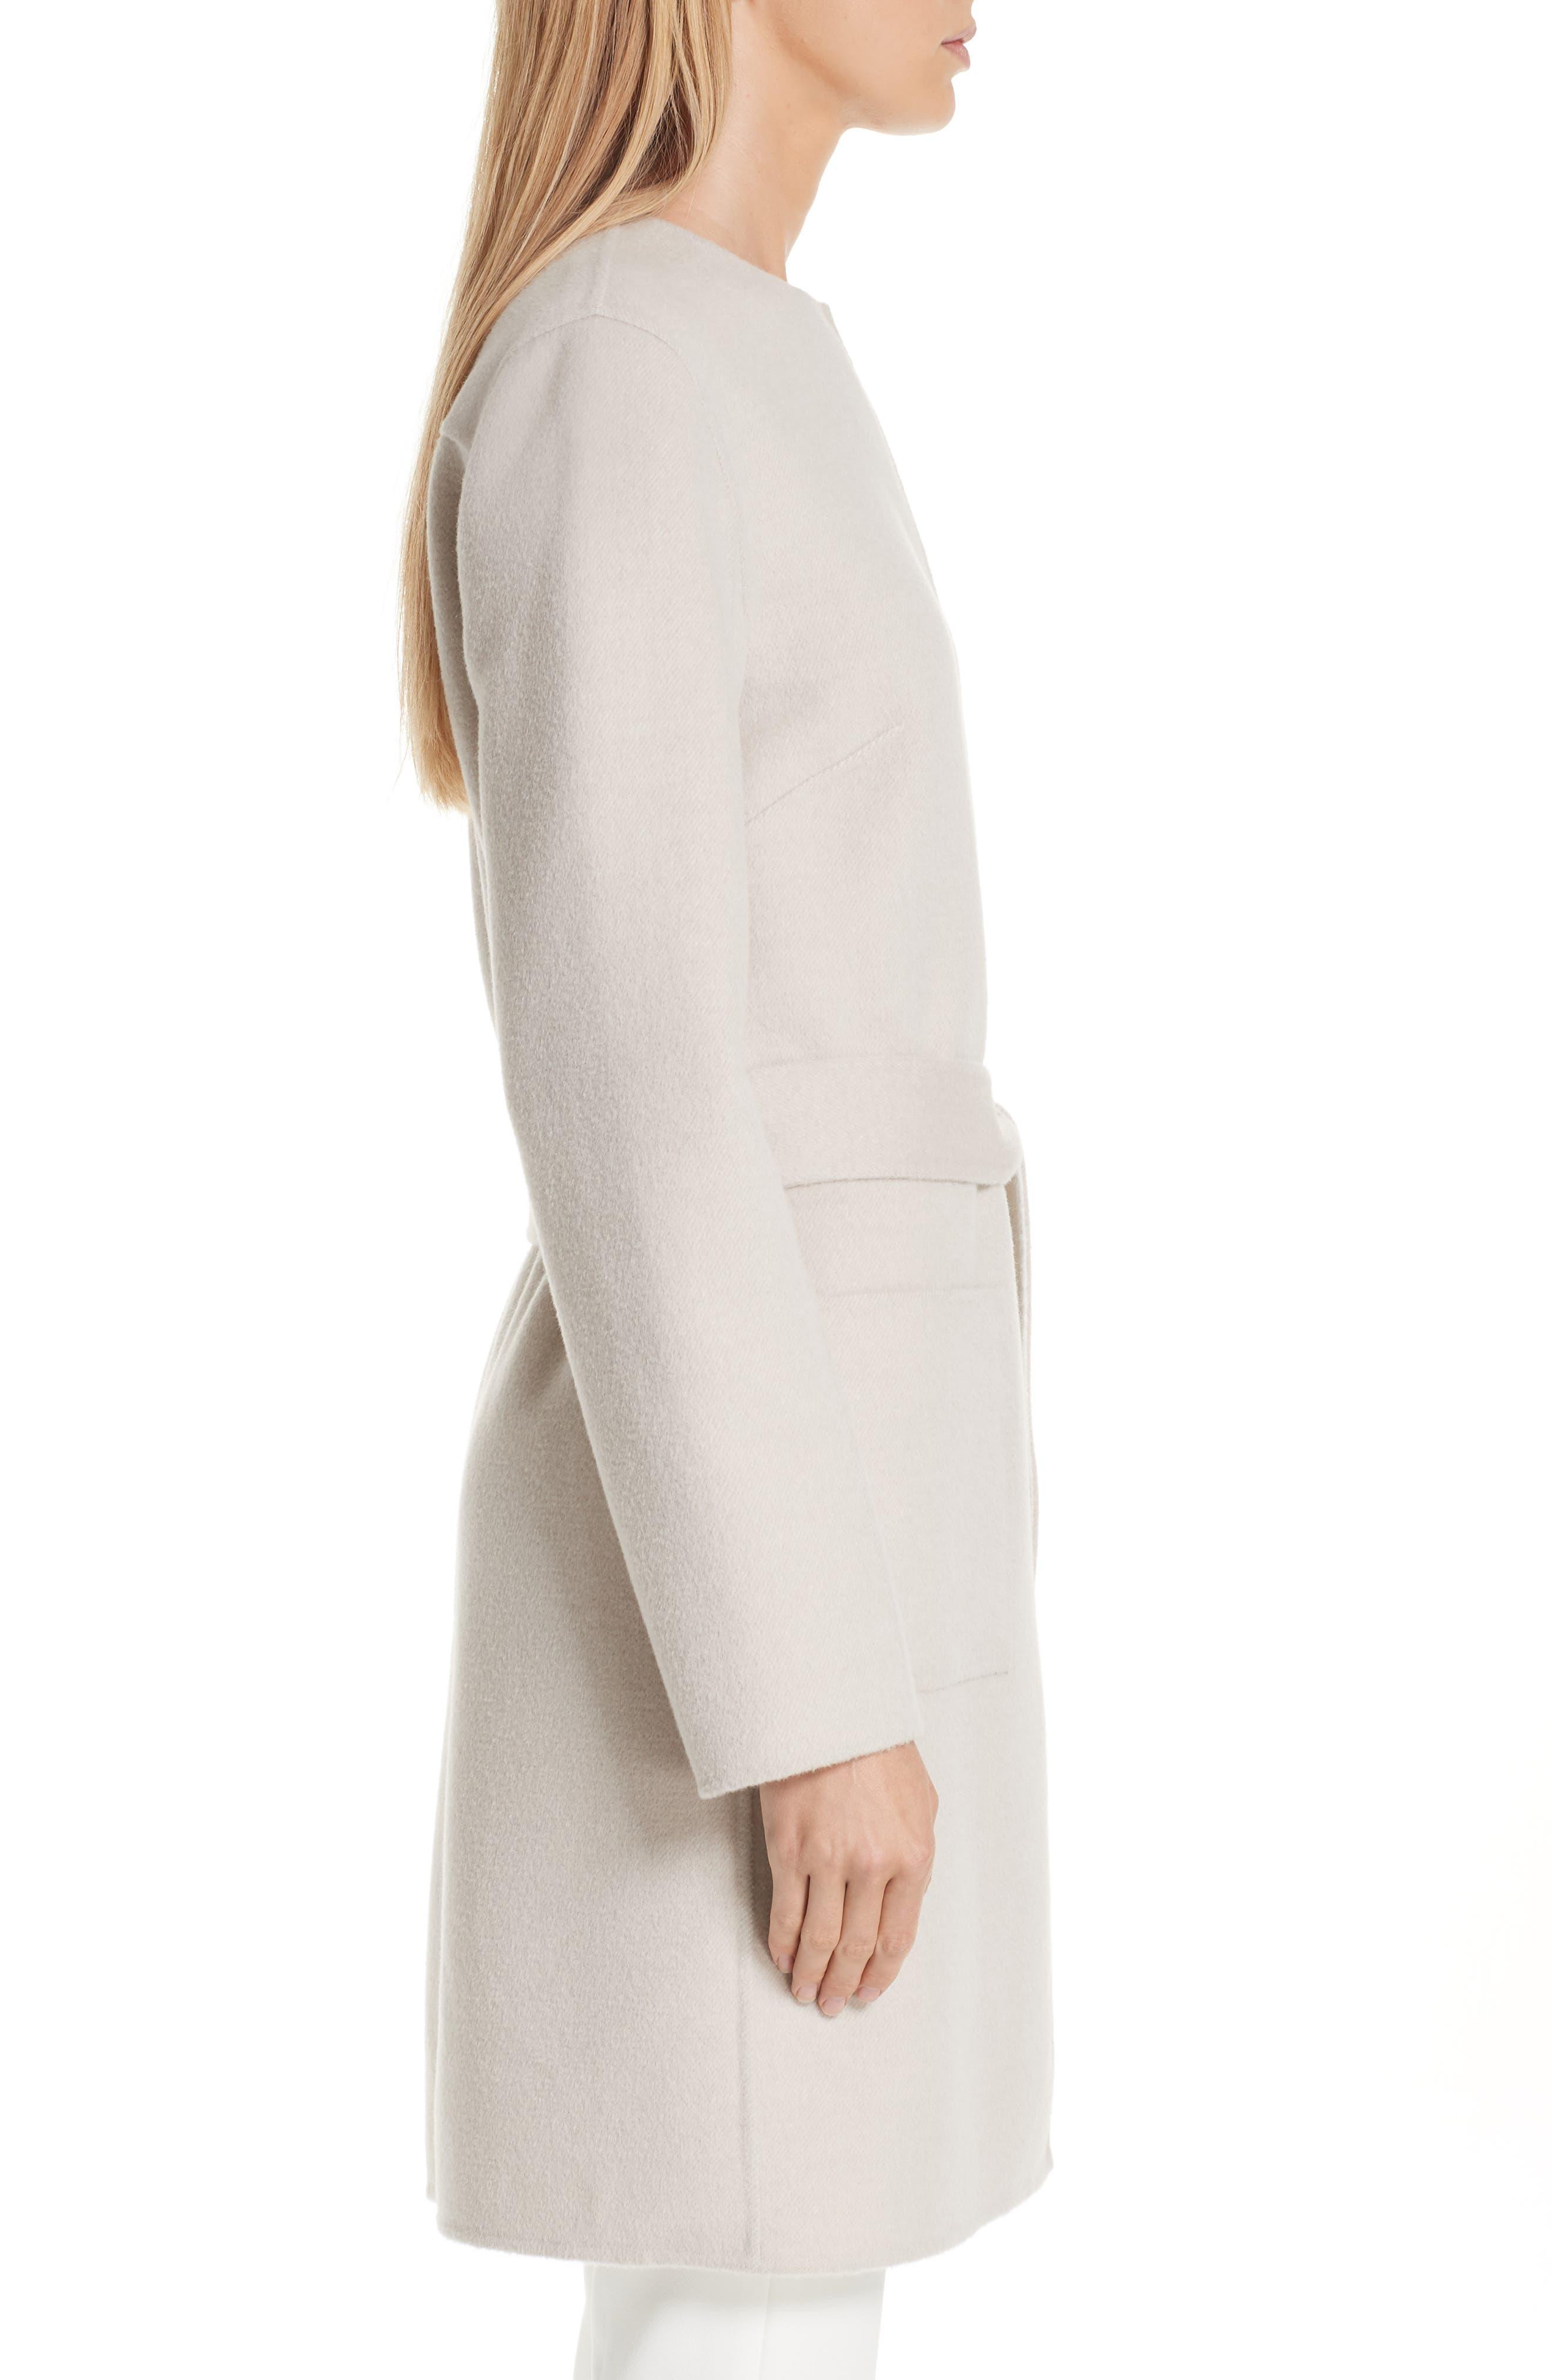 Reversible Double Face Wool & Angora Blend Topper,                             Alternate thumbnail 4, color,                             HAZELNUT MELANGE/ CREAM